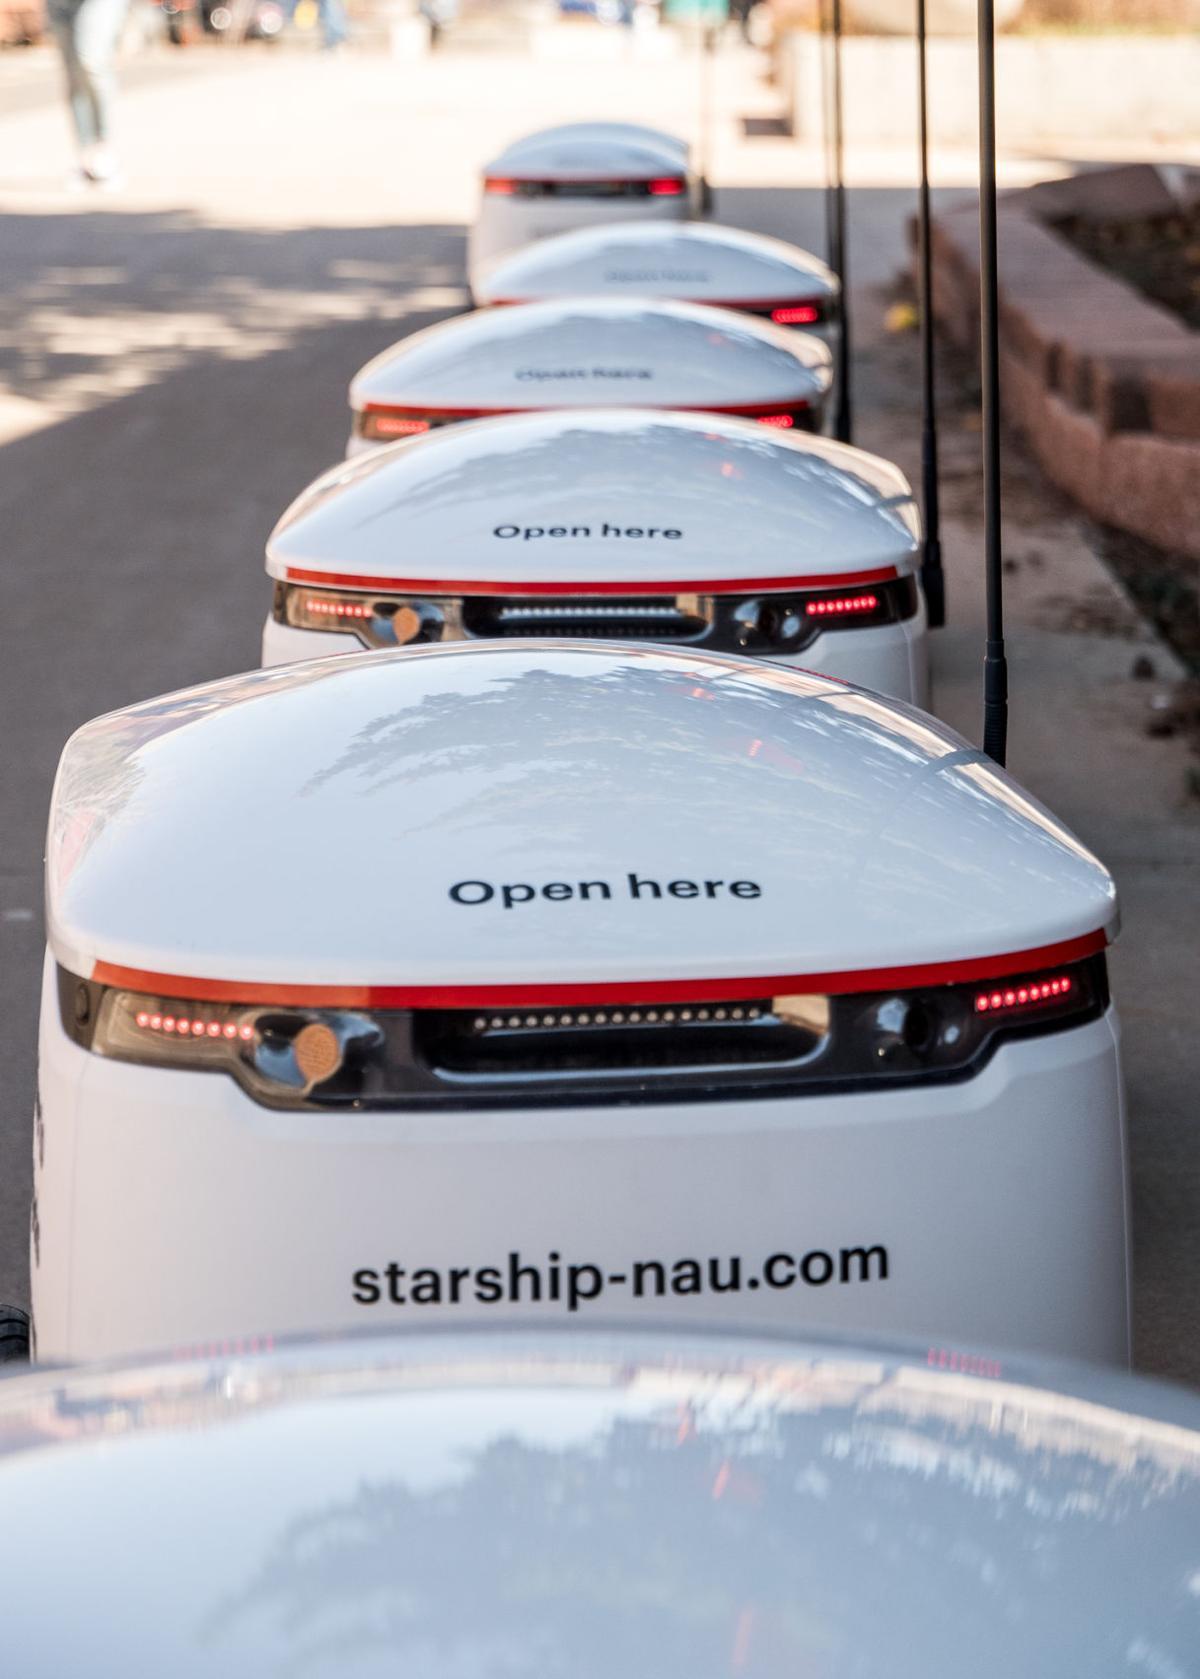 Robots begin delivering food on campus